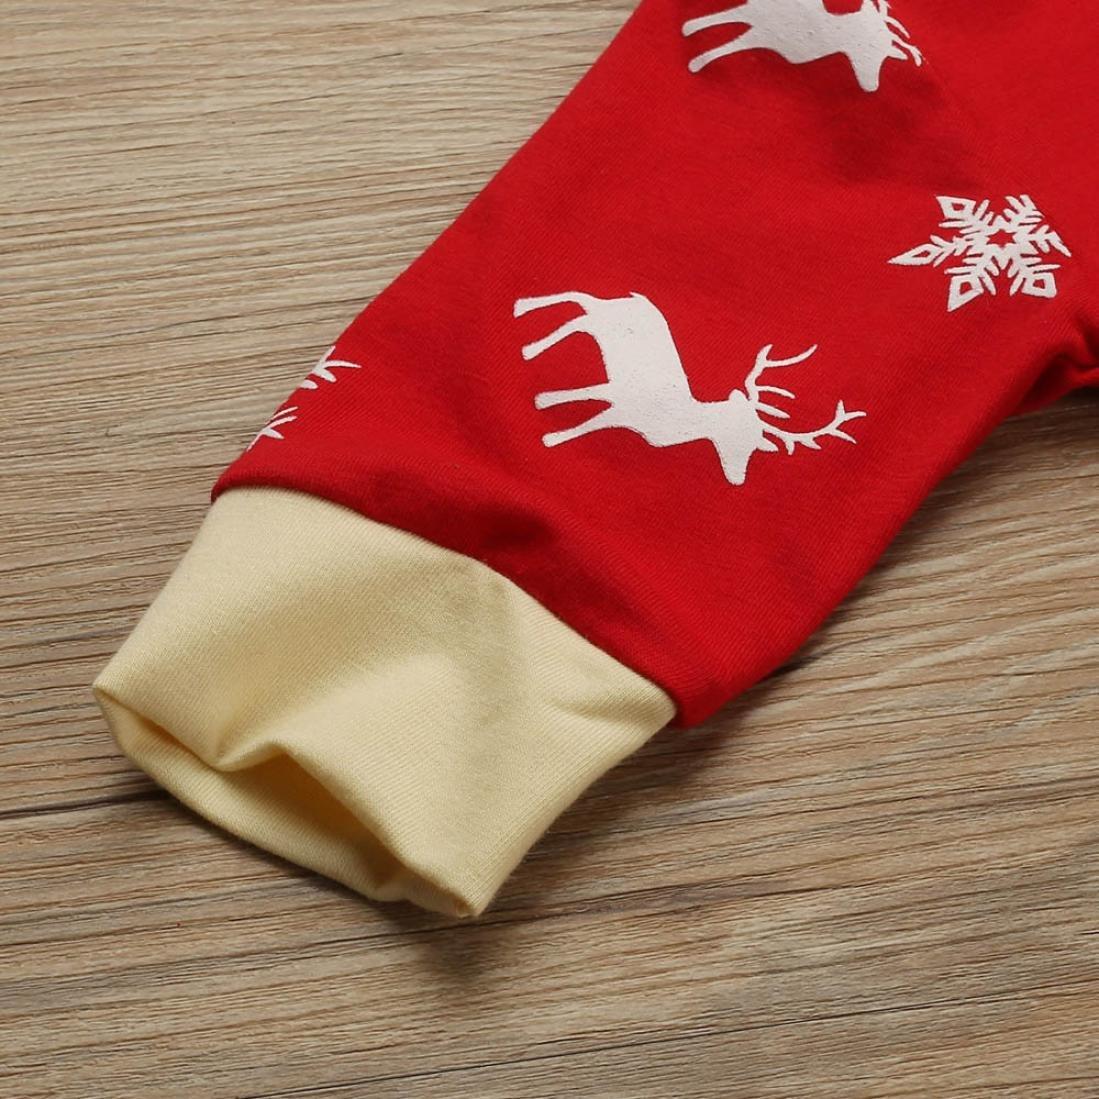 Perman Baby Boys Girls Christmas Long Sleeve Deer Printed Romper Jumpsuit Outfits PM-919